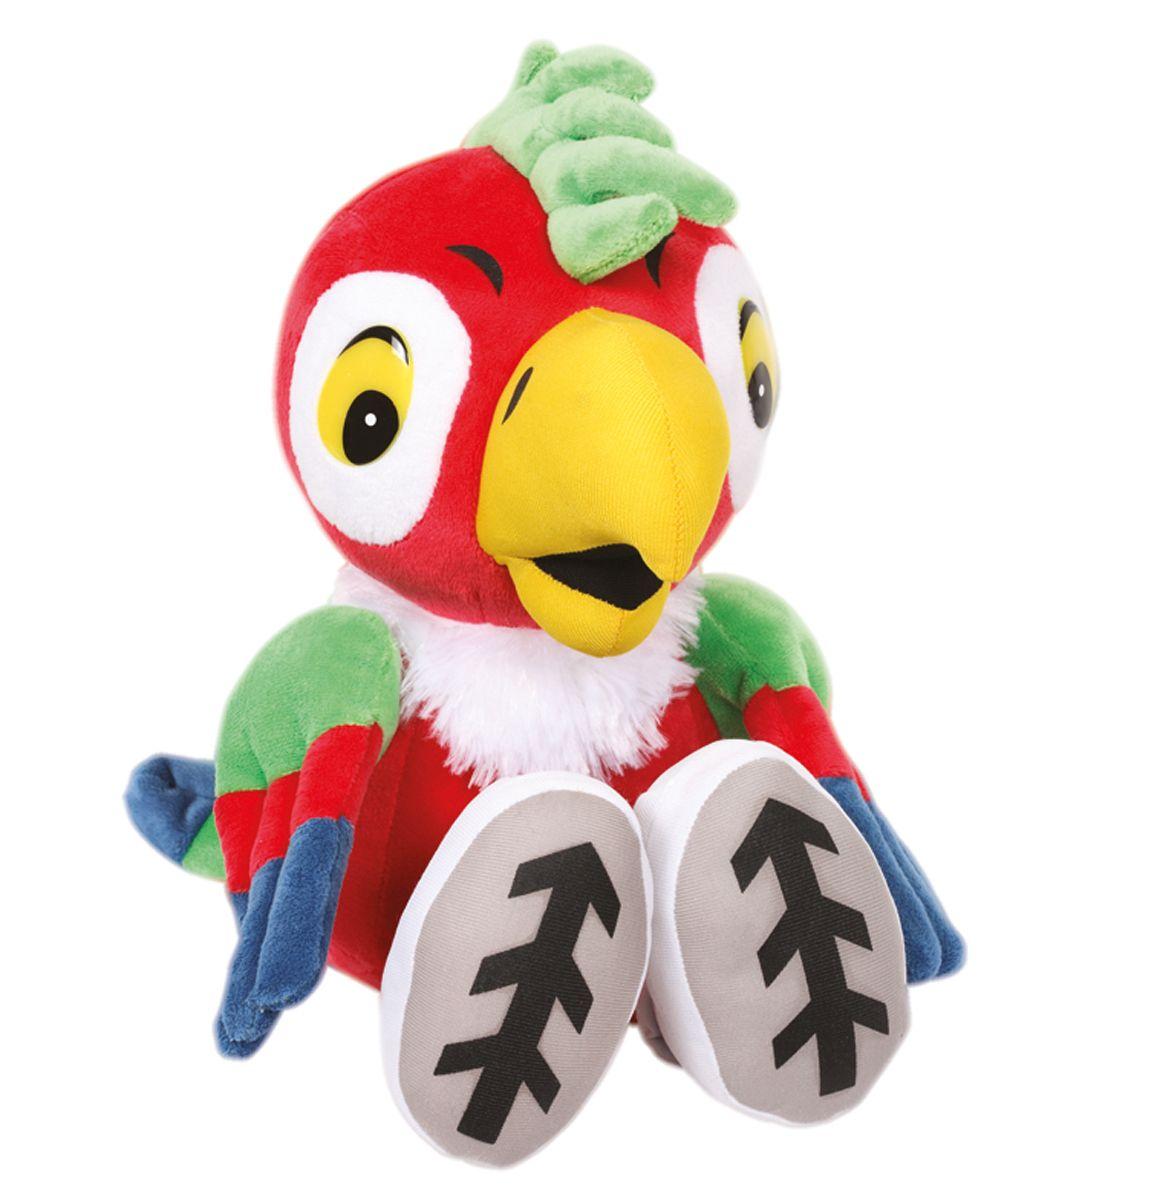 Мульти-Пульти Мягкая игрушка попугай Кеша 15 смV36282/15S17Мягкая игрушка сама по себе ассоциируется с радостью и весельем, конечно, и для наших детей такой подарок станет поистине незабываемым. Забавные, добрые мягкие игрушки радуют детей с самого рождения. Ведь уже в первые месяцы жизни ребенок проявляет интерес к плюшевым зверятам и необычным персонажам. Сначала они помогают ему познавать окружающий мир через тактильные ощущения, знакомят его с животным миром нашей планеты, формируют цветовосприятие и способствуют концентрации внимания. Игрушка воспроизводит звуки и фразы из мультфильма.